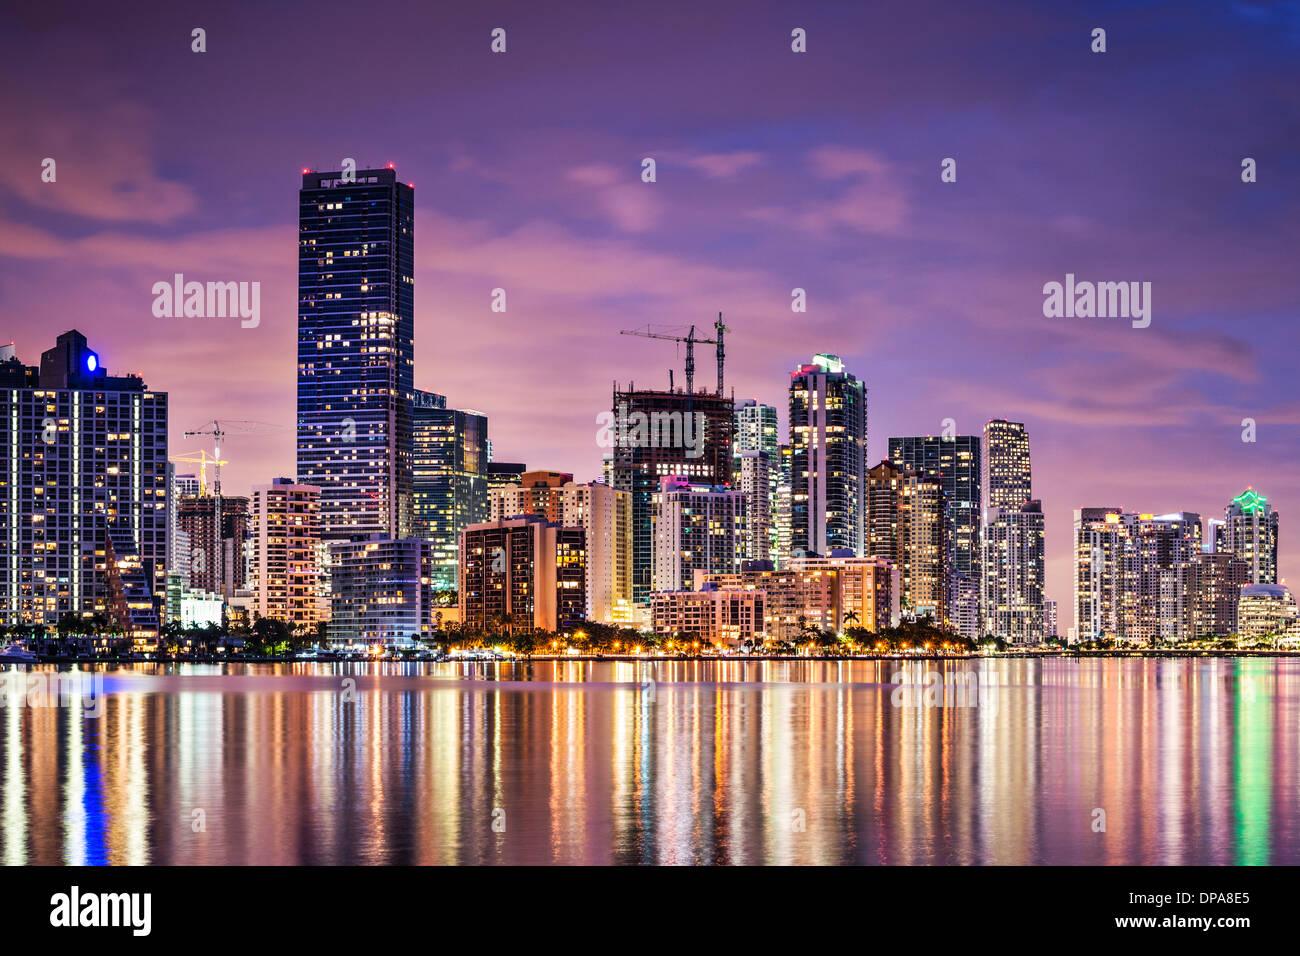 Skyline of Miami, Florida, USA over Biscayne Bay. - Stock Image